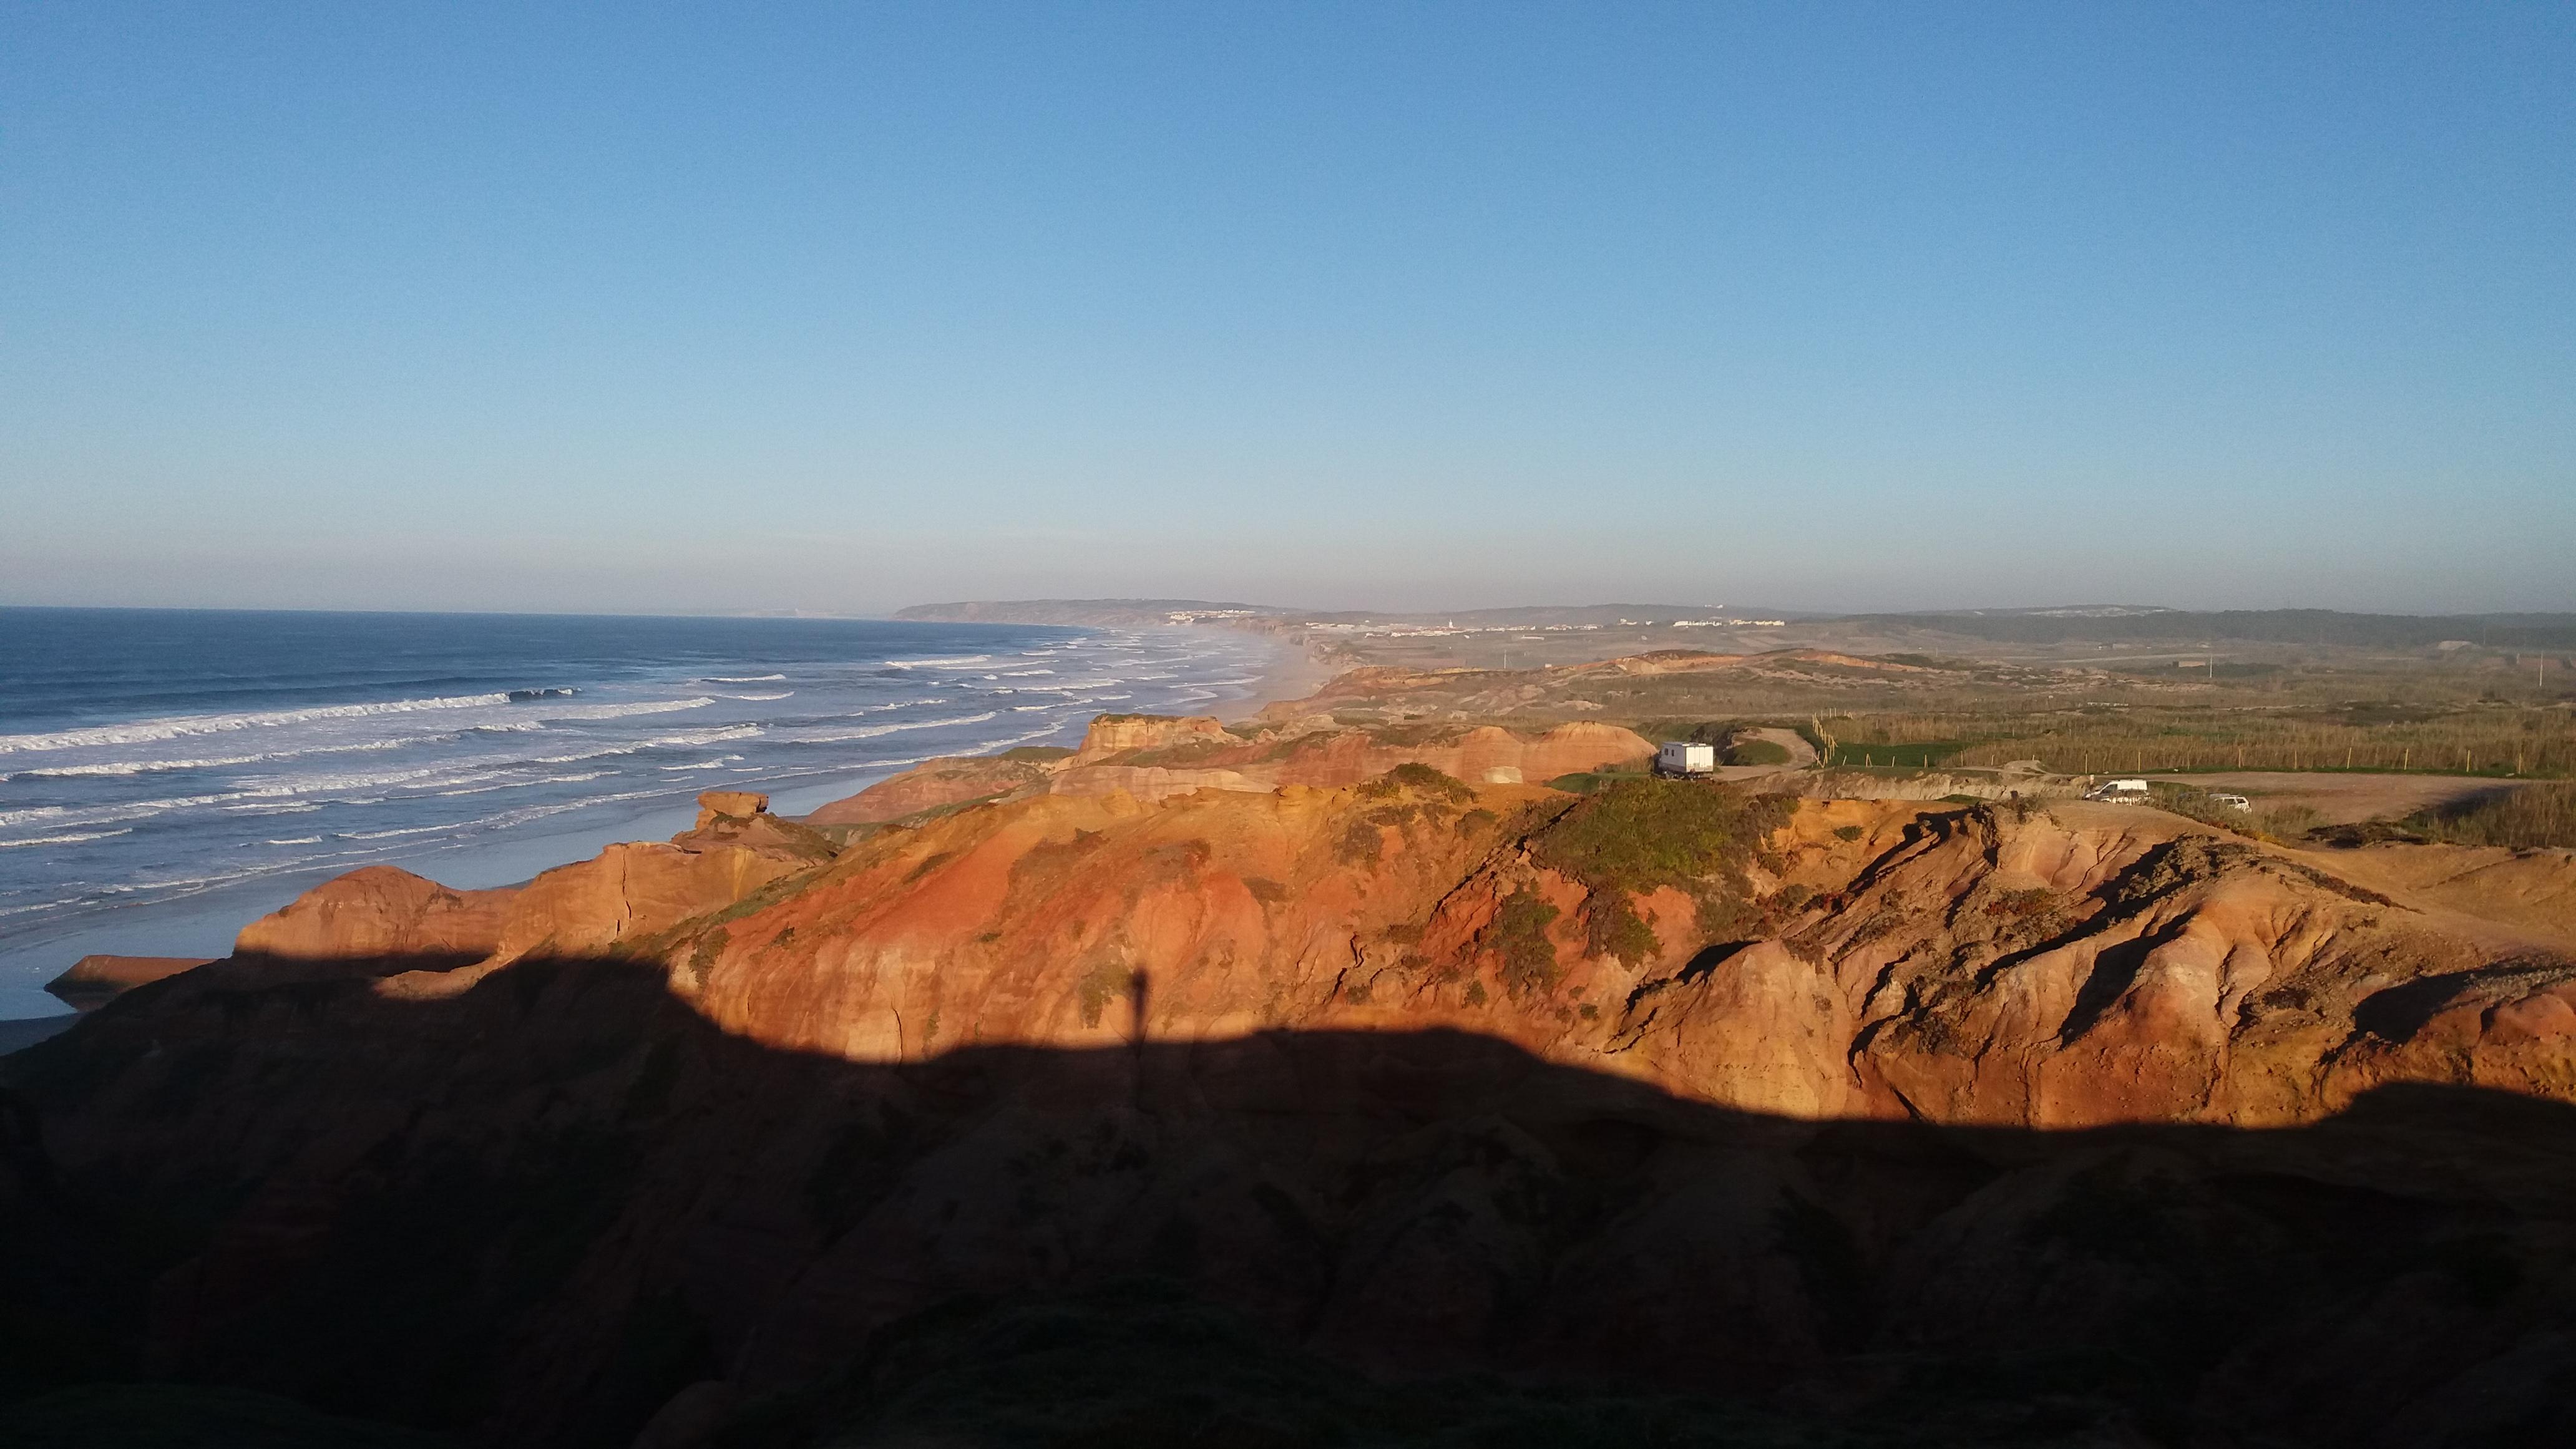 Les sublimes plages portugaises... Le point blanc c'est le camion! Une sacrée vue au réveil...